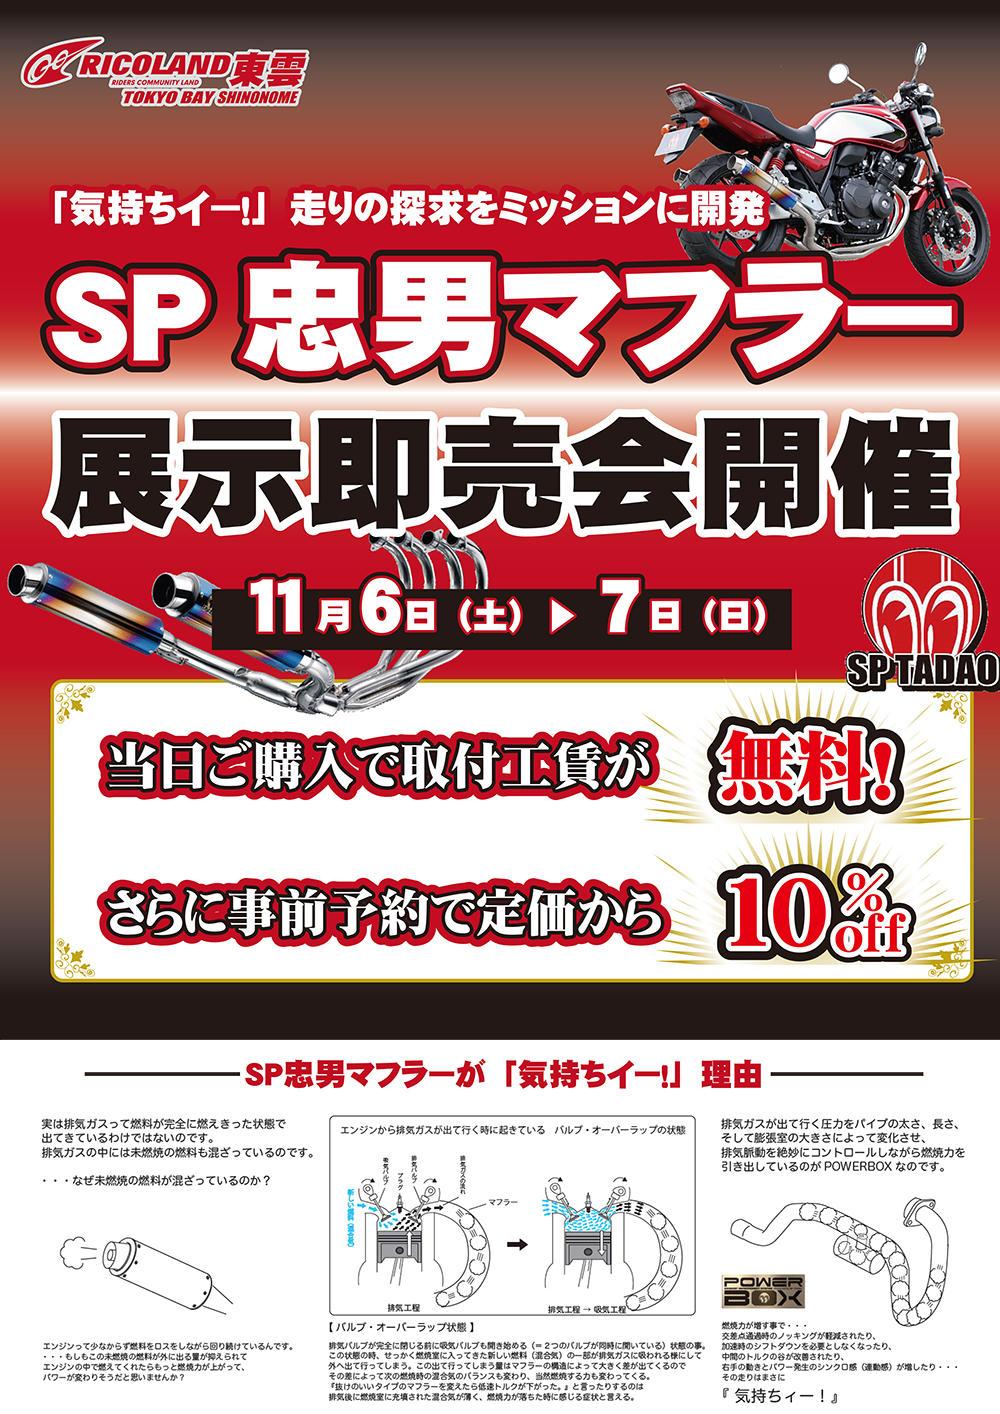 20211106-07SP忠男イベント(SNS用).jpg